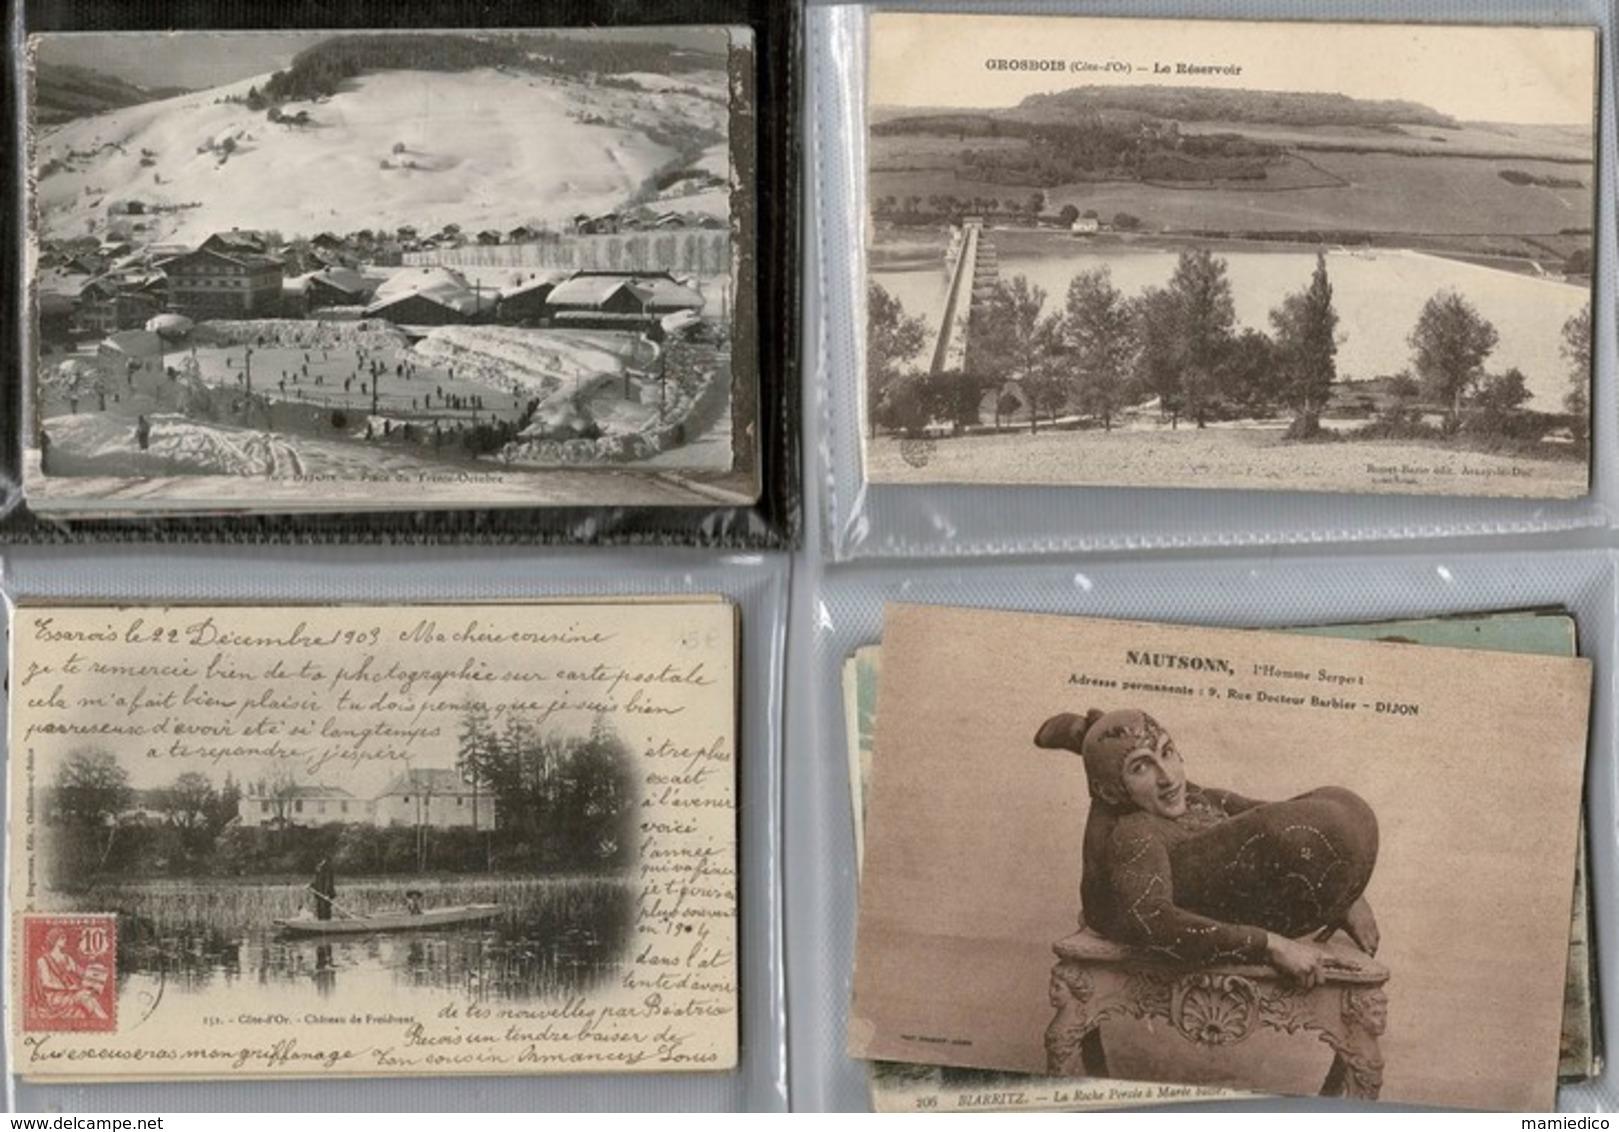 1000 CP France & Une Vingtaine De Fantaisies. Des Drouilles Et Des Pas Drouilles. Lot N° 3 - Cartes Postales